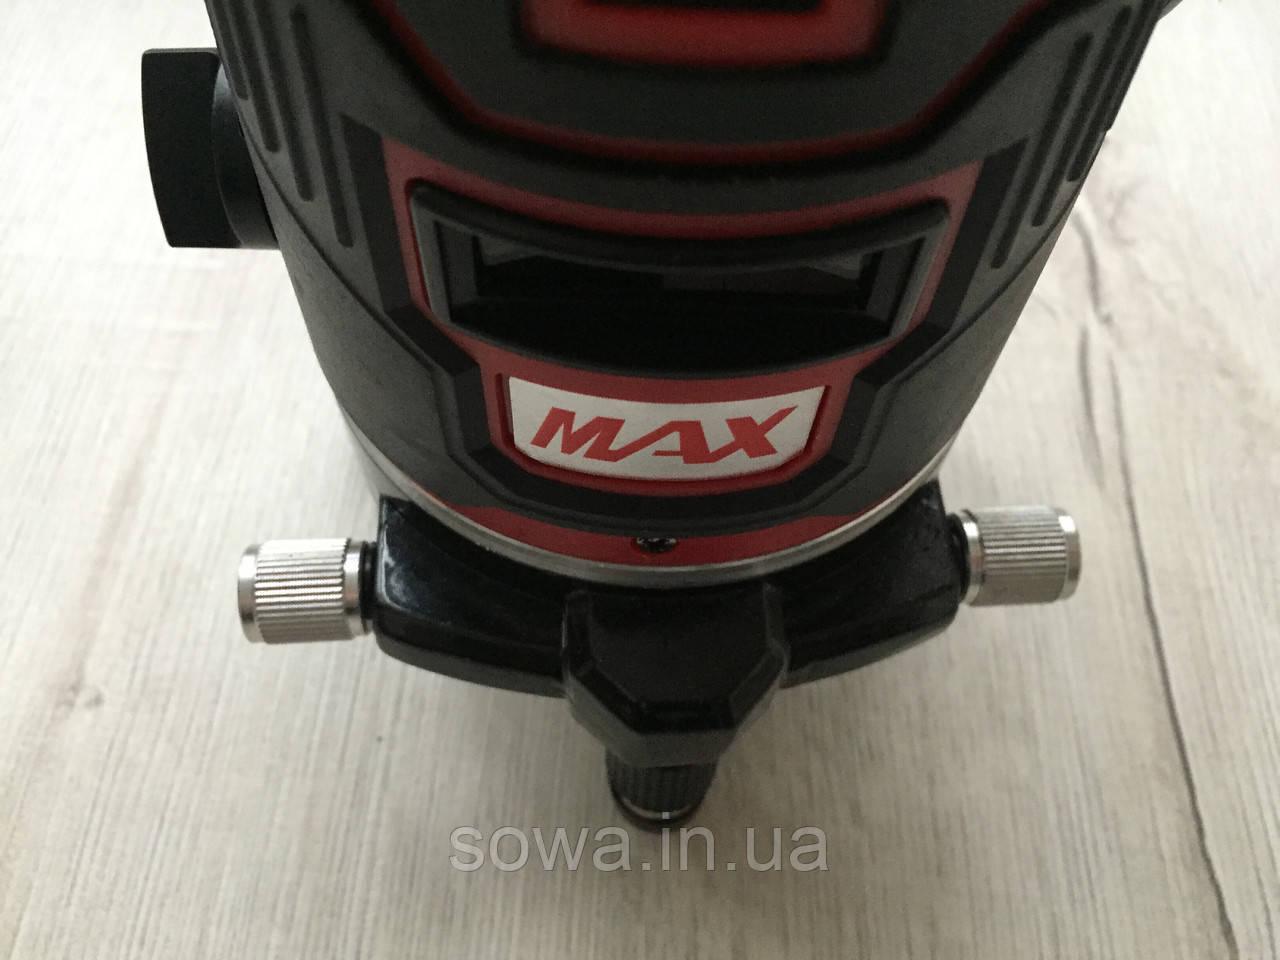 ✔️ Лазерный уровень, нивелир Max MXNL 03 + штатив • 5 линий / 6 точек